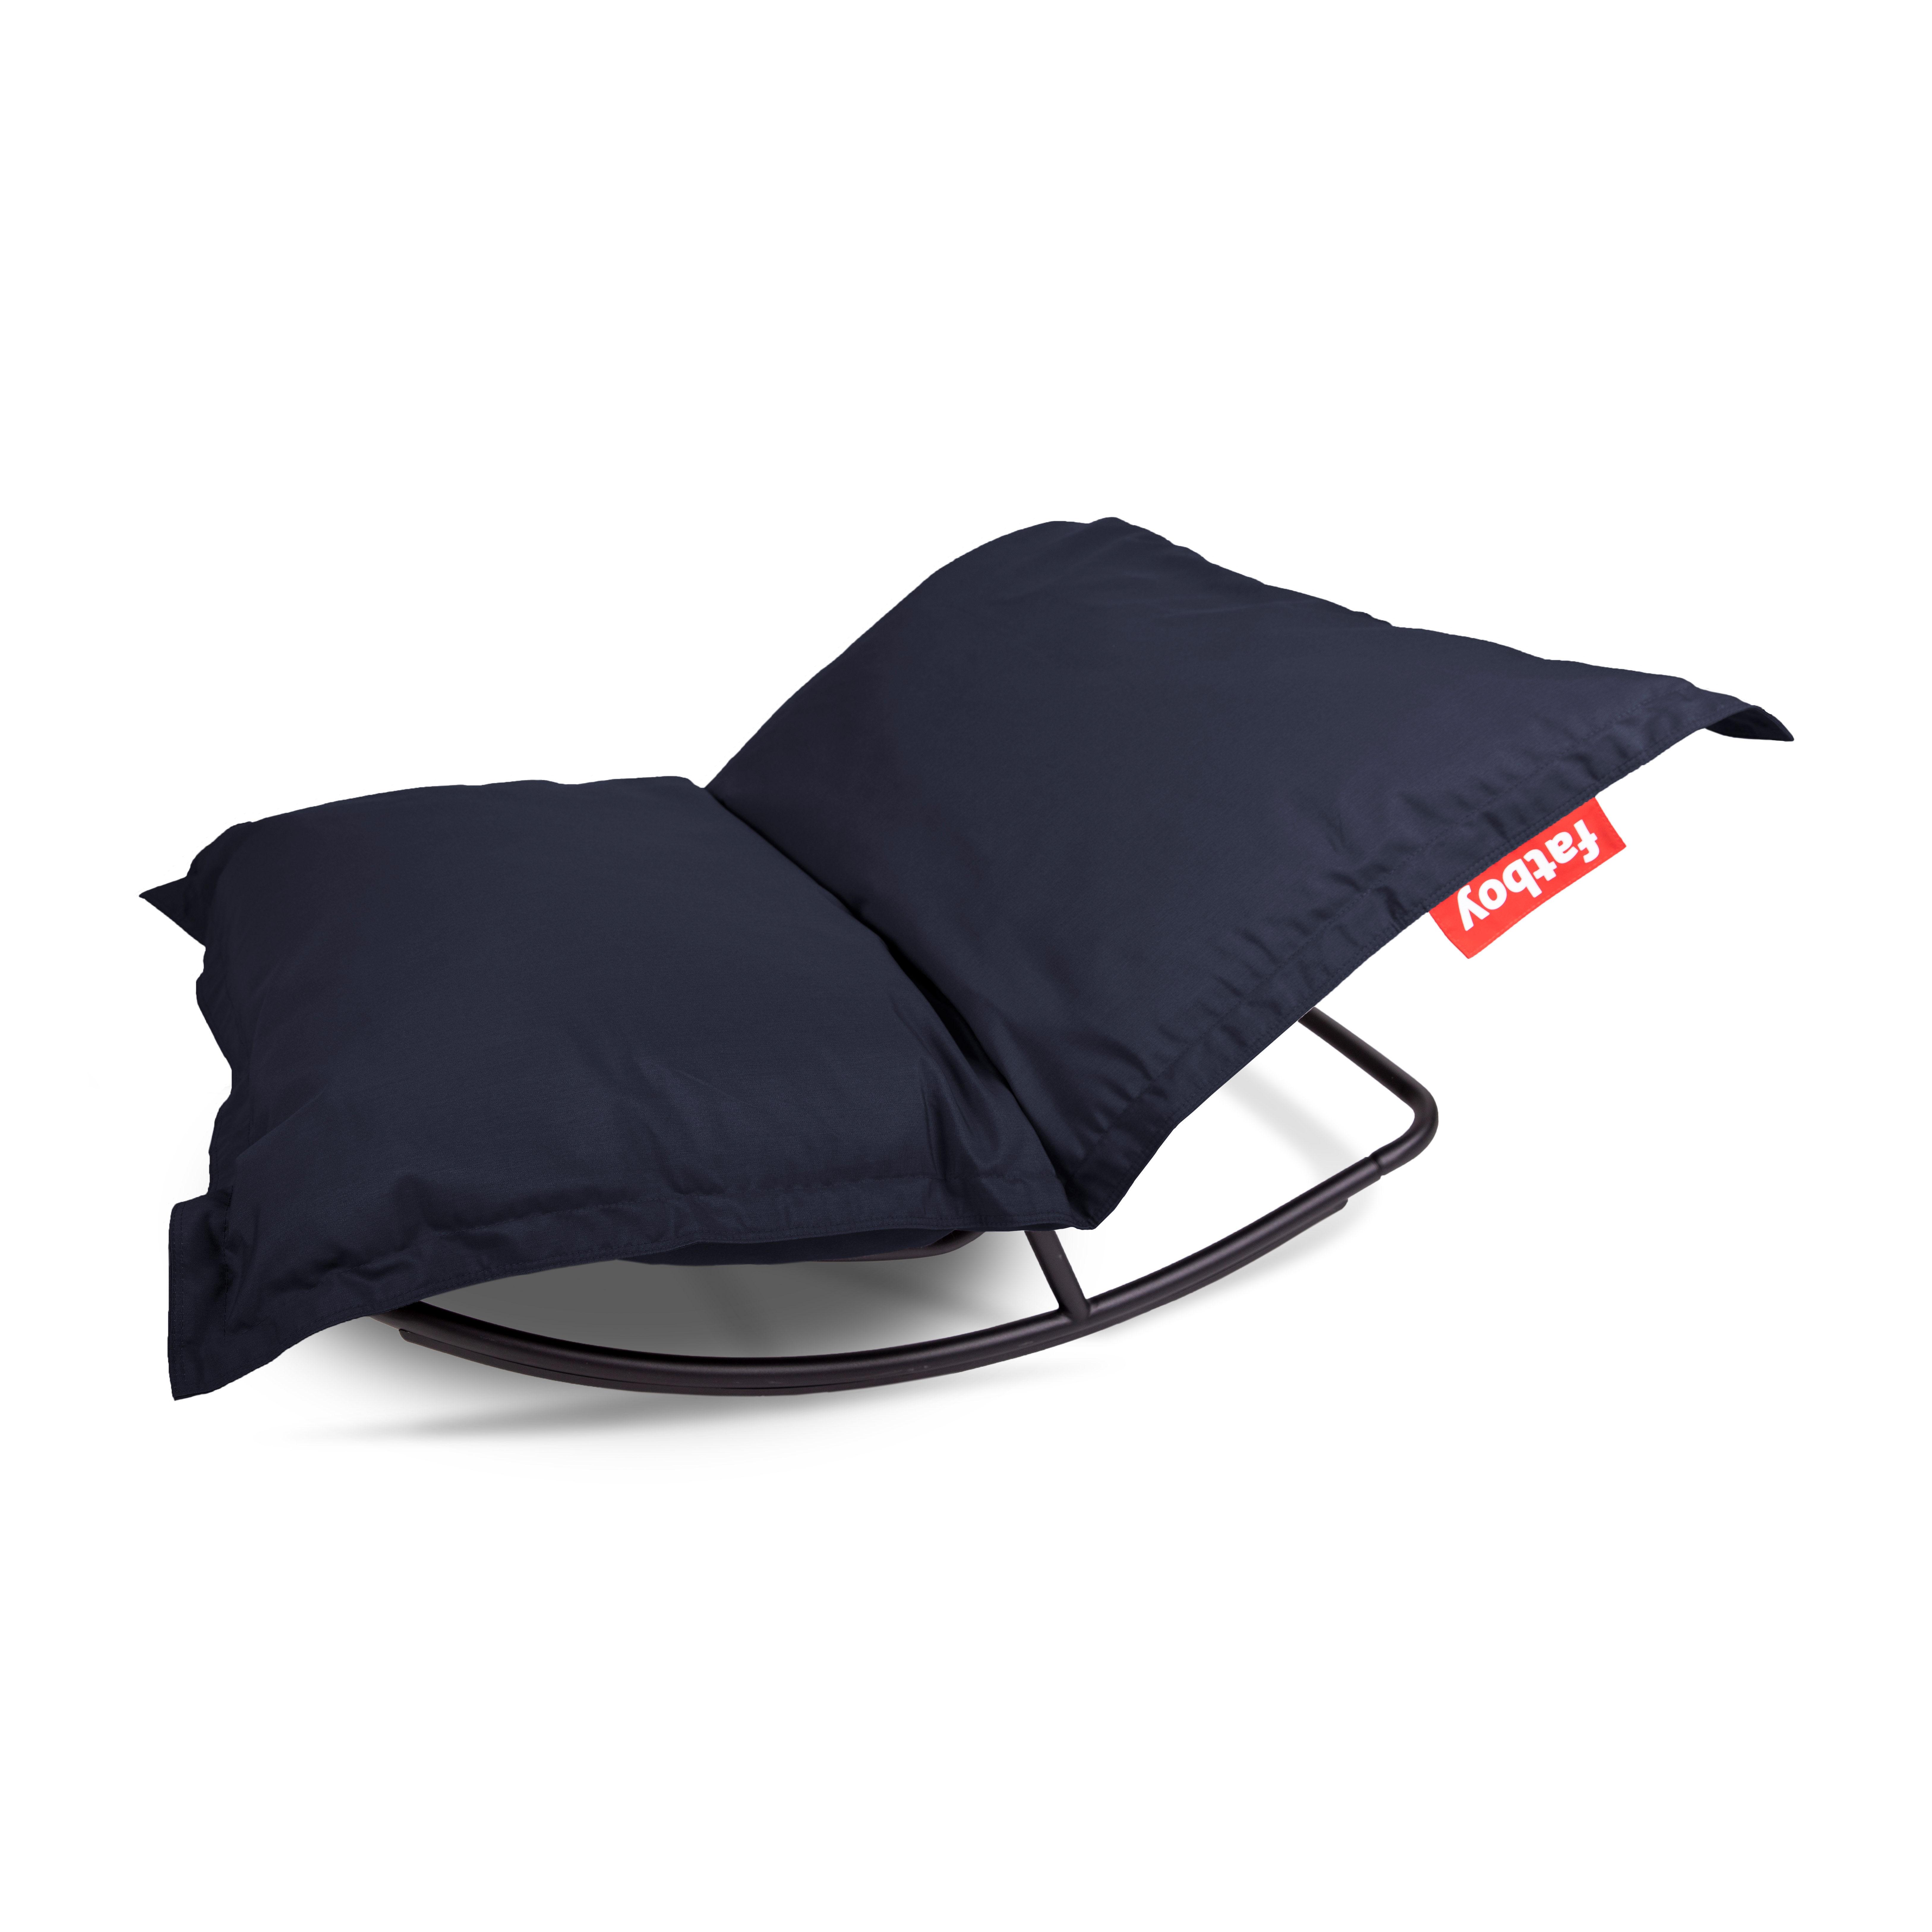 Mobilier - Poufs - Pack promo / Structure  Rock'n roll + Pouf The Original Outdoor - Pour l'extérieur - Fatboy - Bleu marine - Métal galvanisé, Micro-billes de polystyrène, Toile acrylique